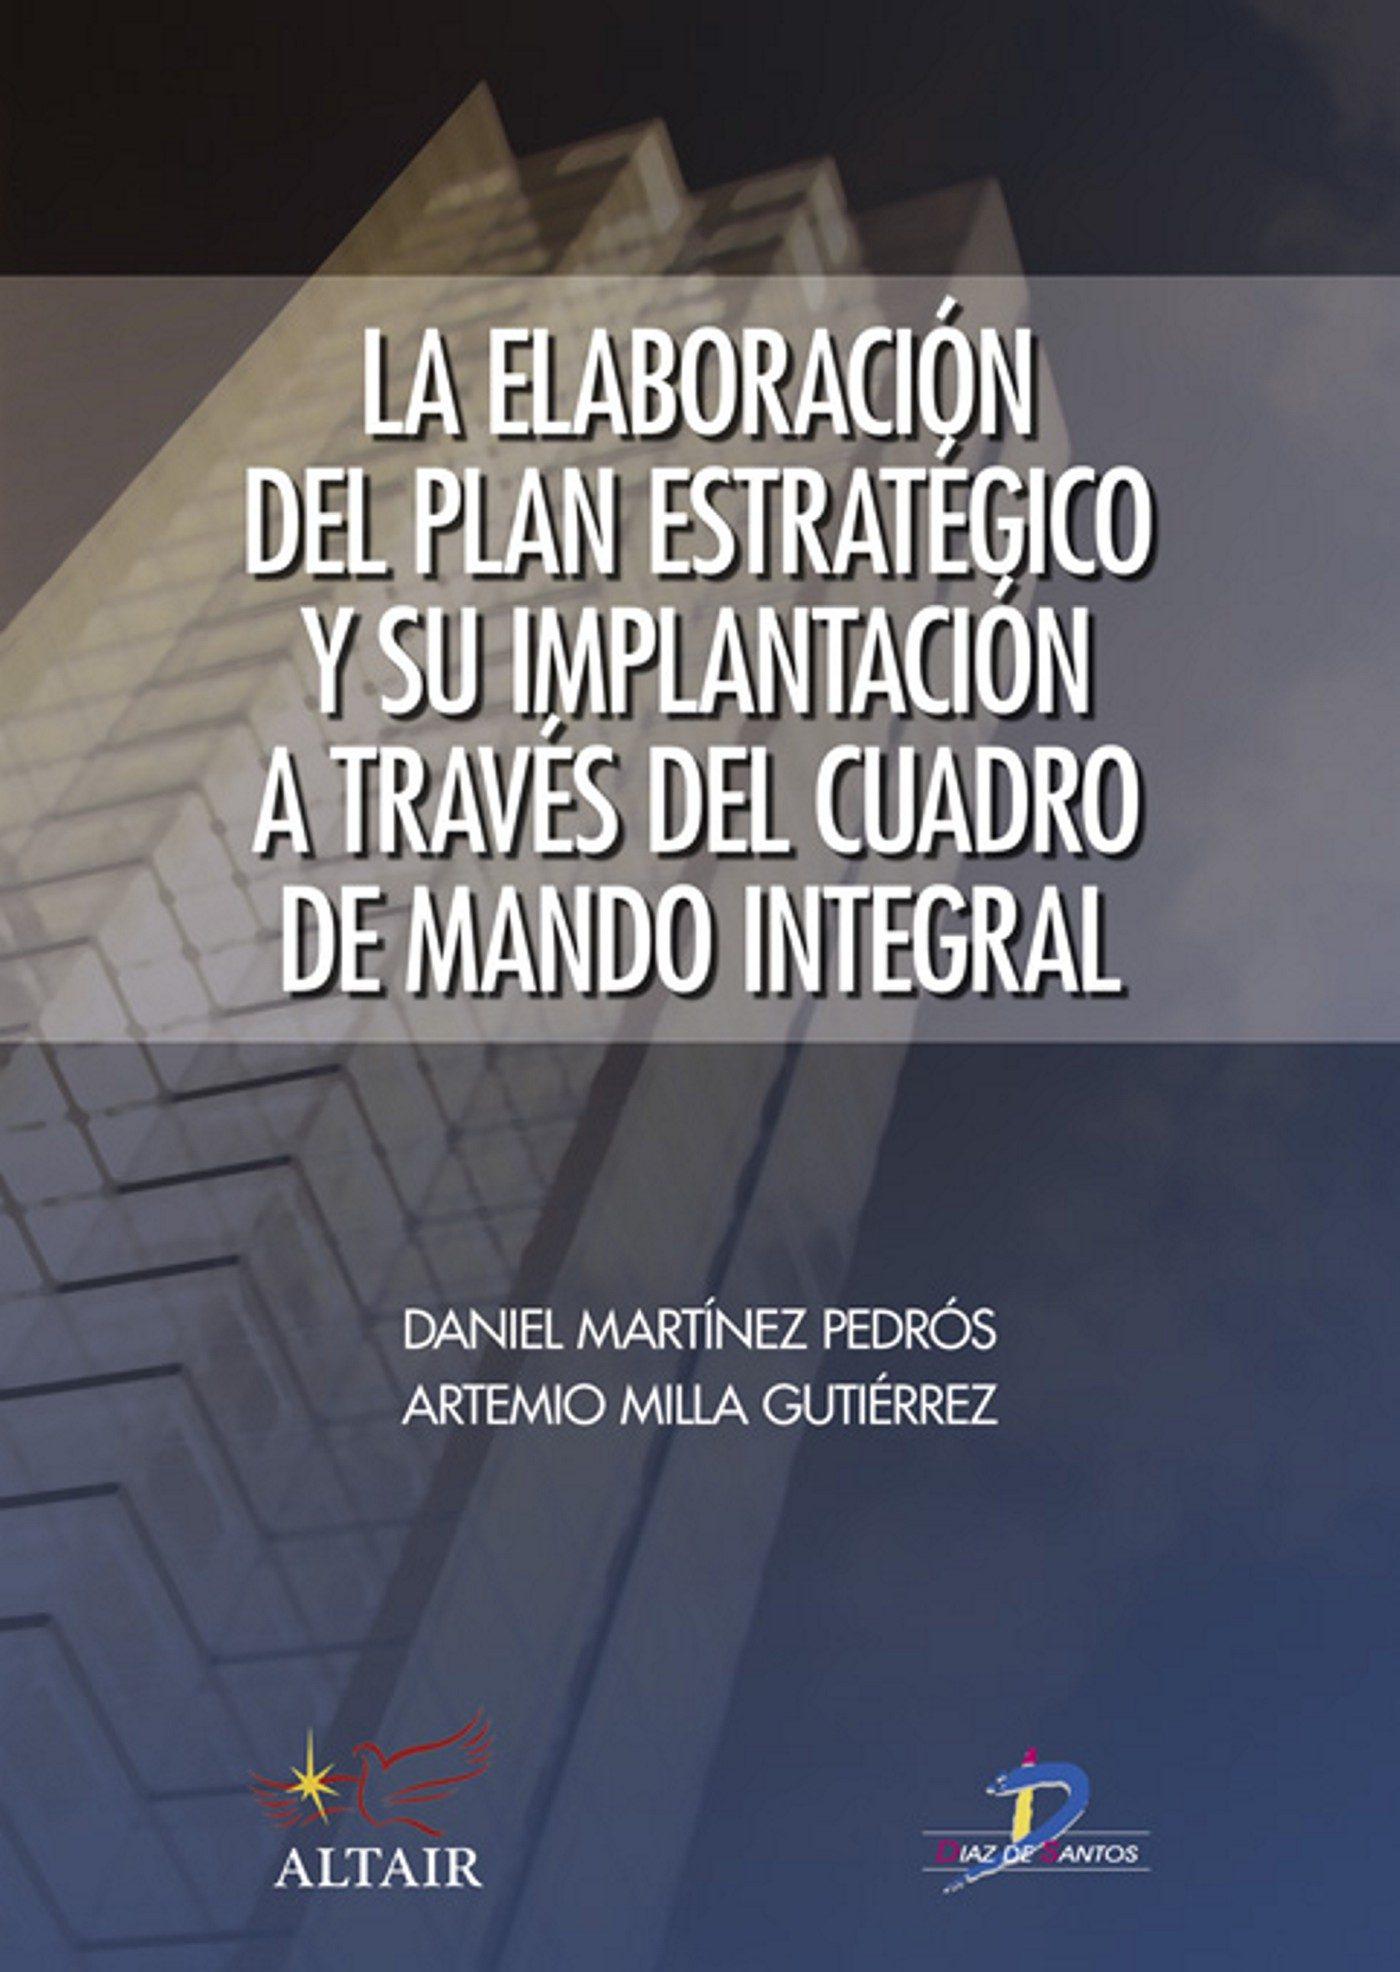 Resultado de imagen para La elaboración del plan estratégico y su implantación a través del cuadro de mando integral